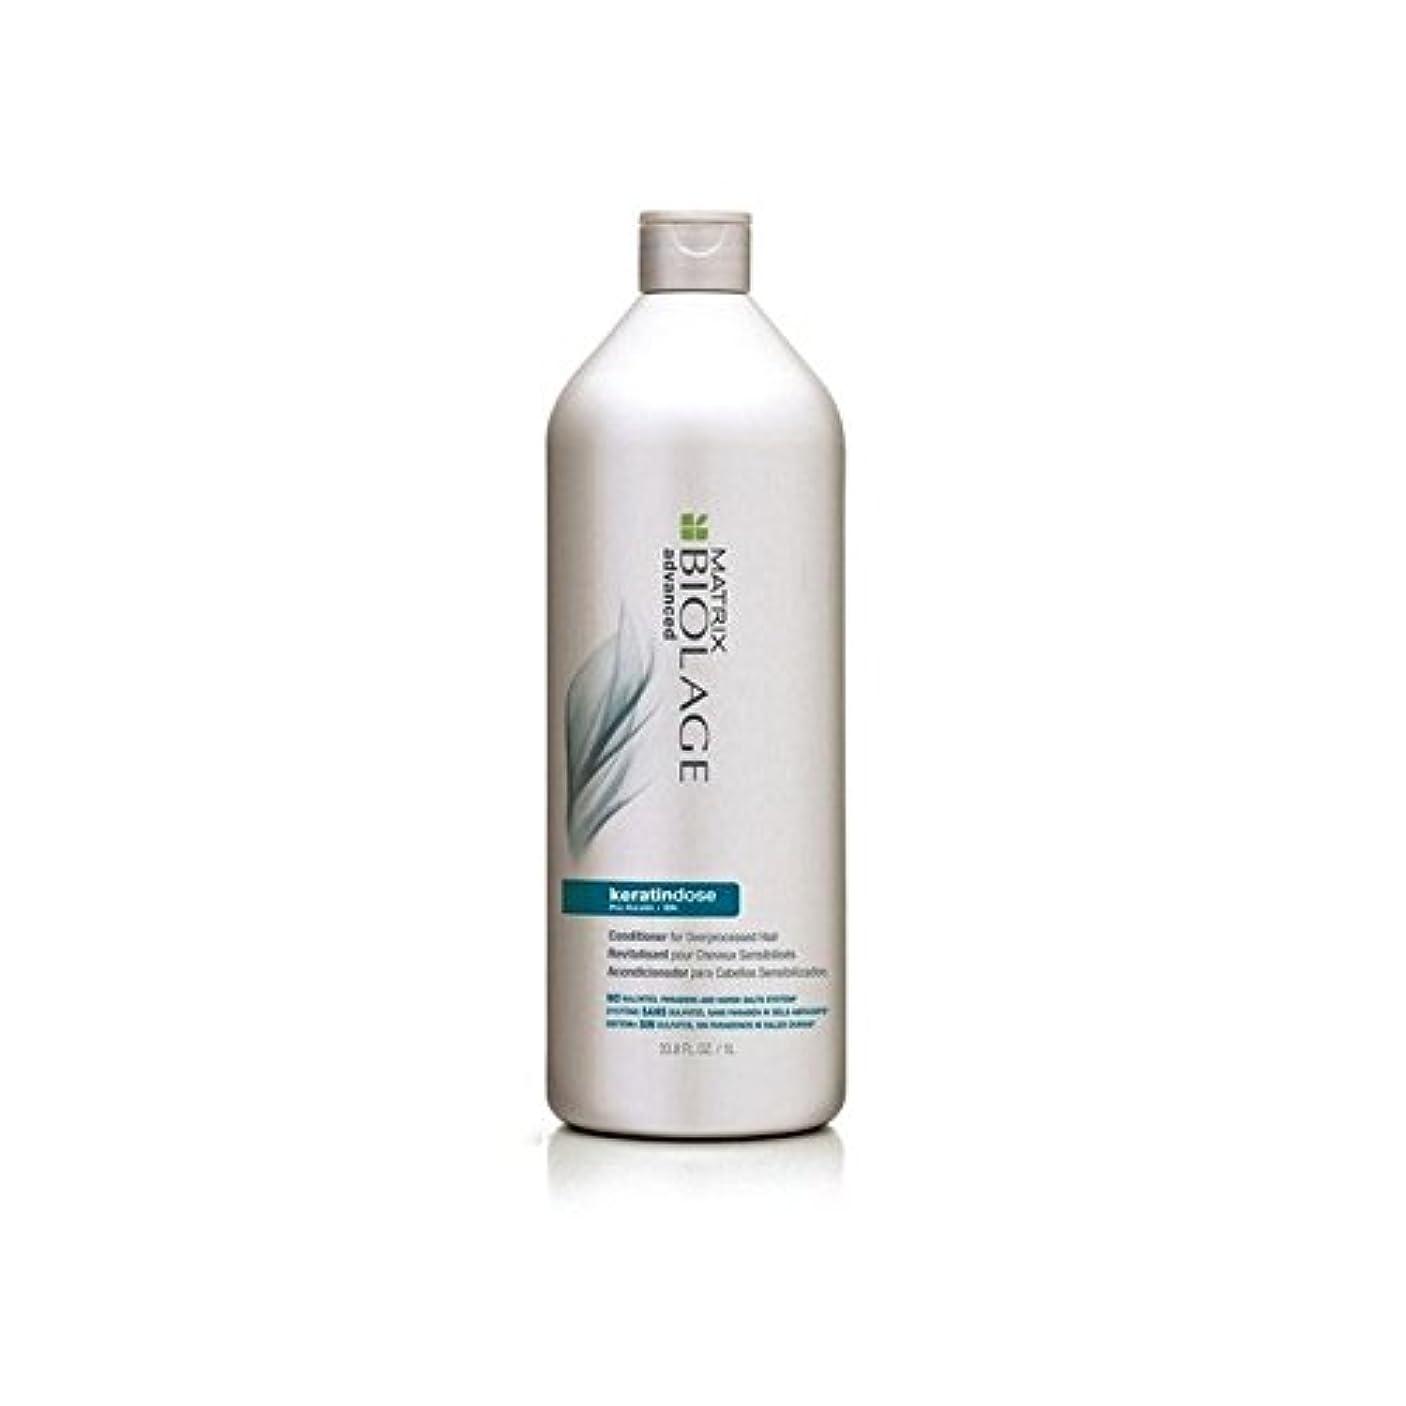 安定したからライオンMatrix Biolage Keratindose Conditioner (1000ml) (Pack of 6) - マトリックスバイオレイジコンディショナー(千ミリリットル) x6 [並行輸入品]